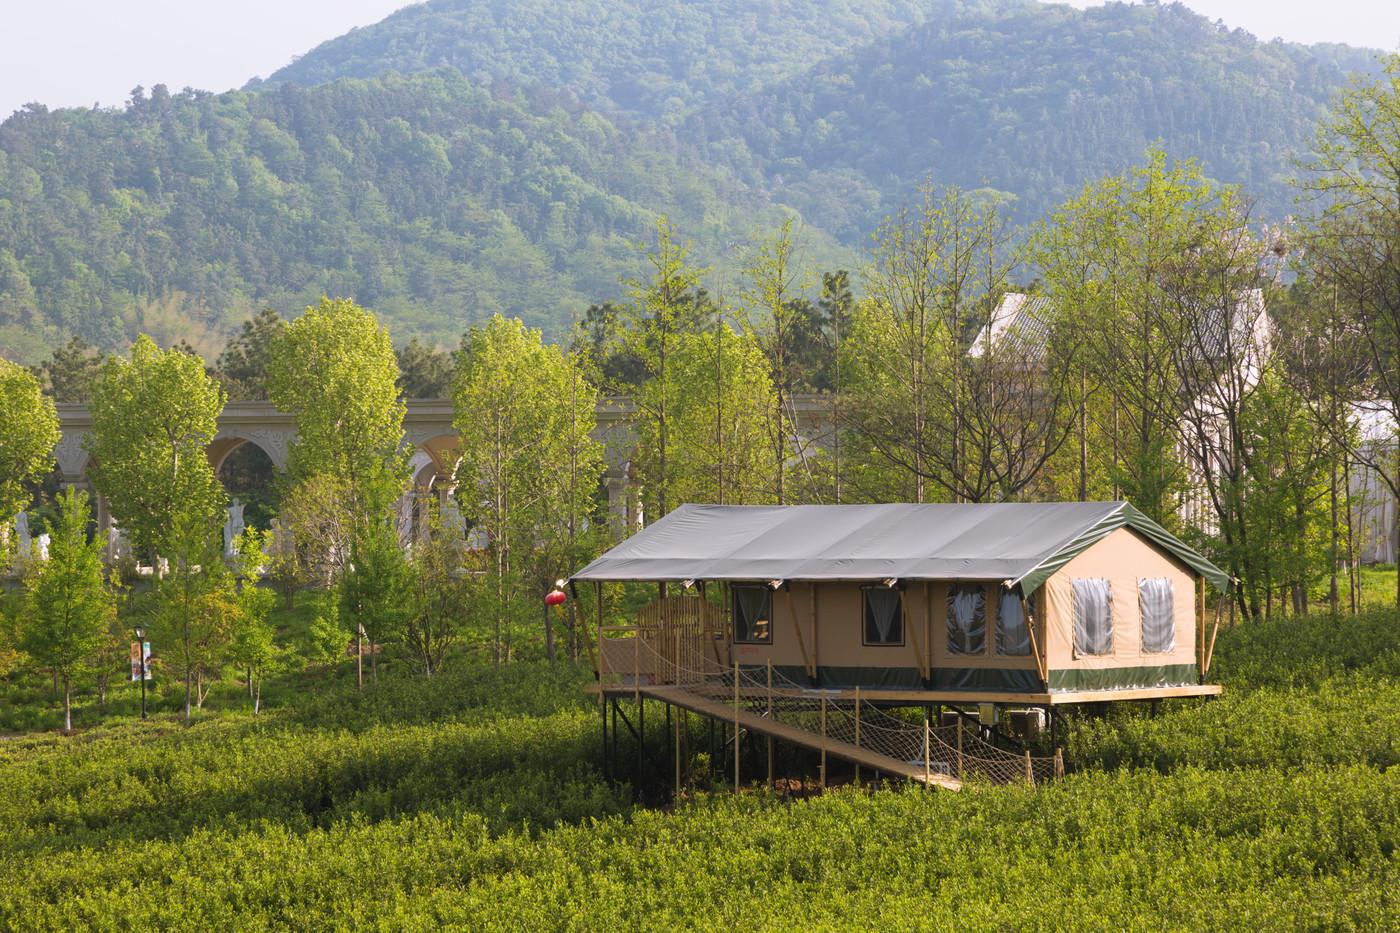 喜马拉雅野奢帐篷酒店—江苏常州茅山宝盛园2期茶田帐篷酒店15